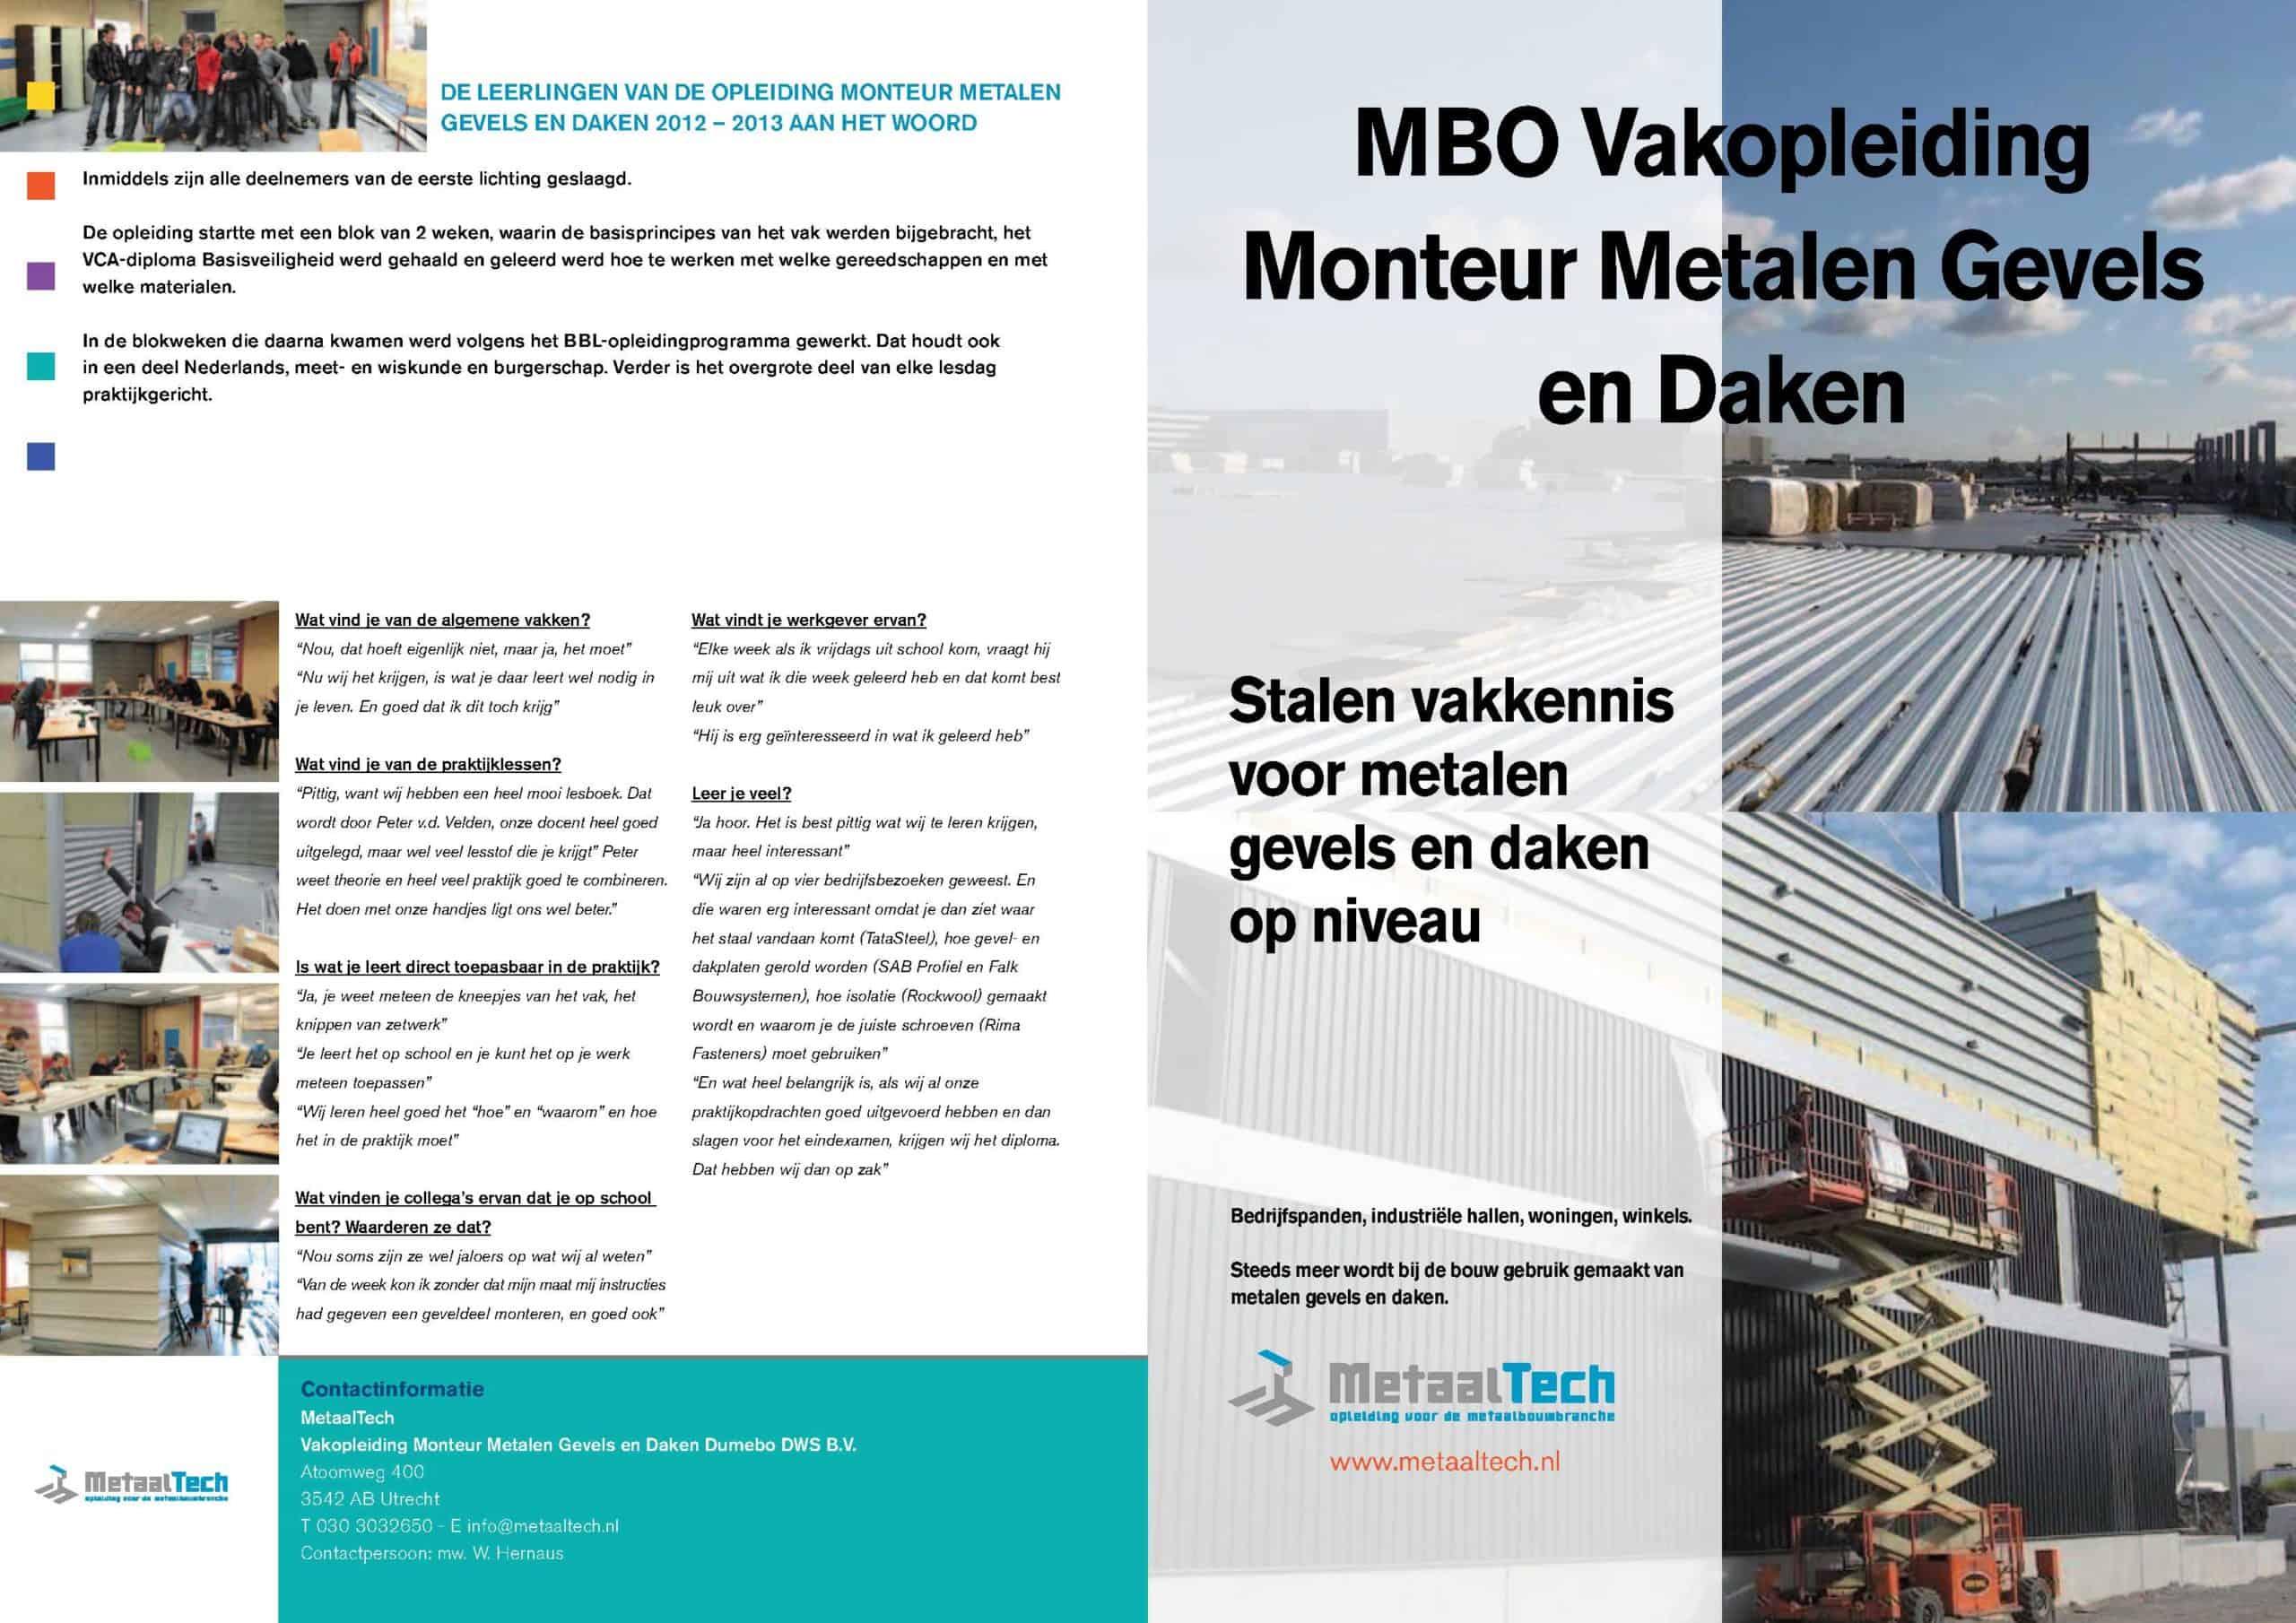 2014 DDWS folder vakopleiding monteur metalen gevels en daken 2014_1